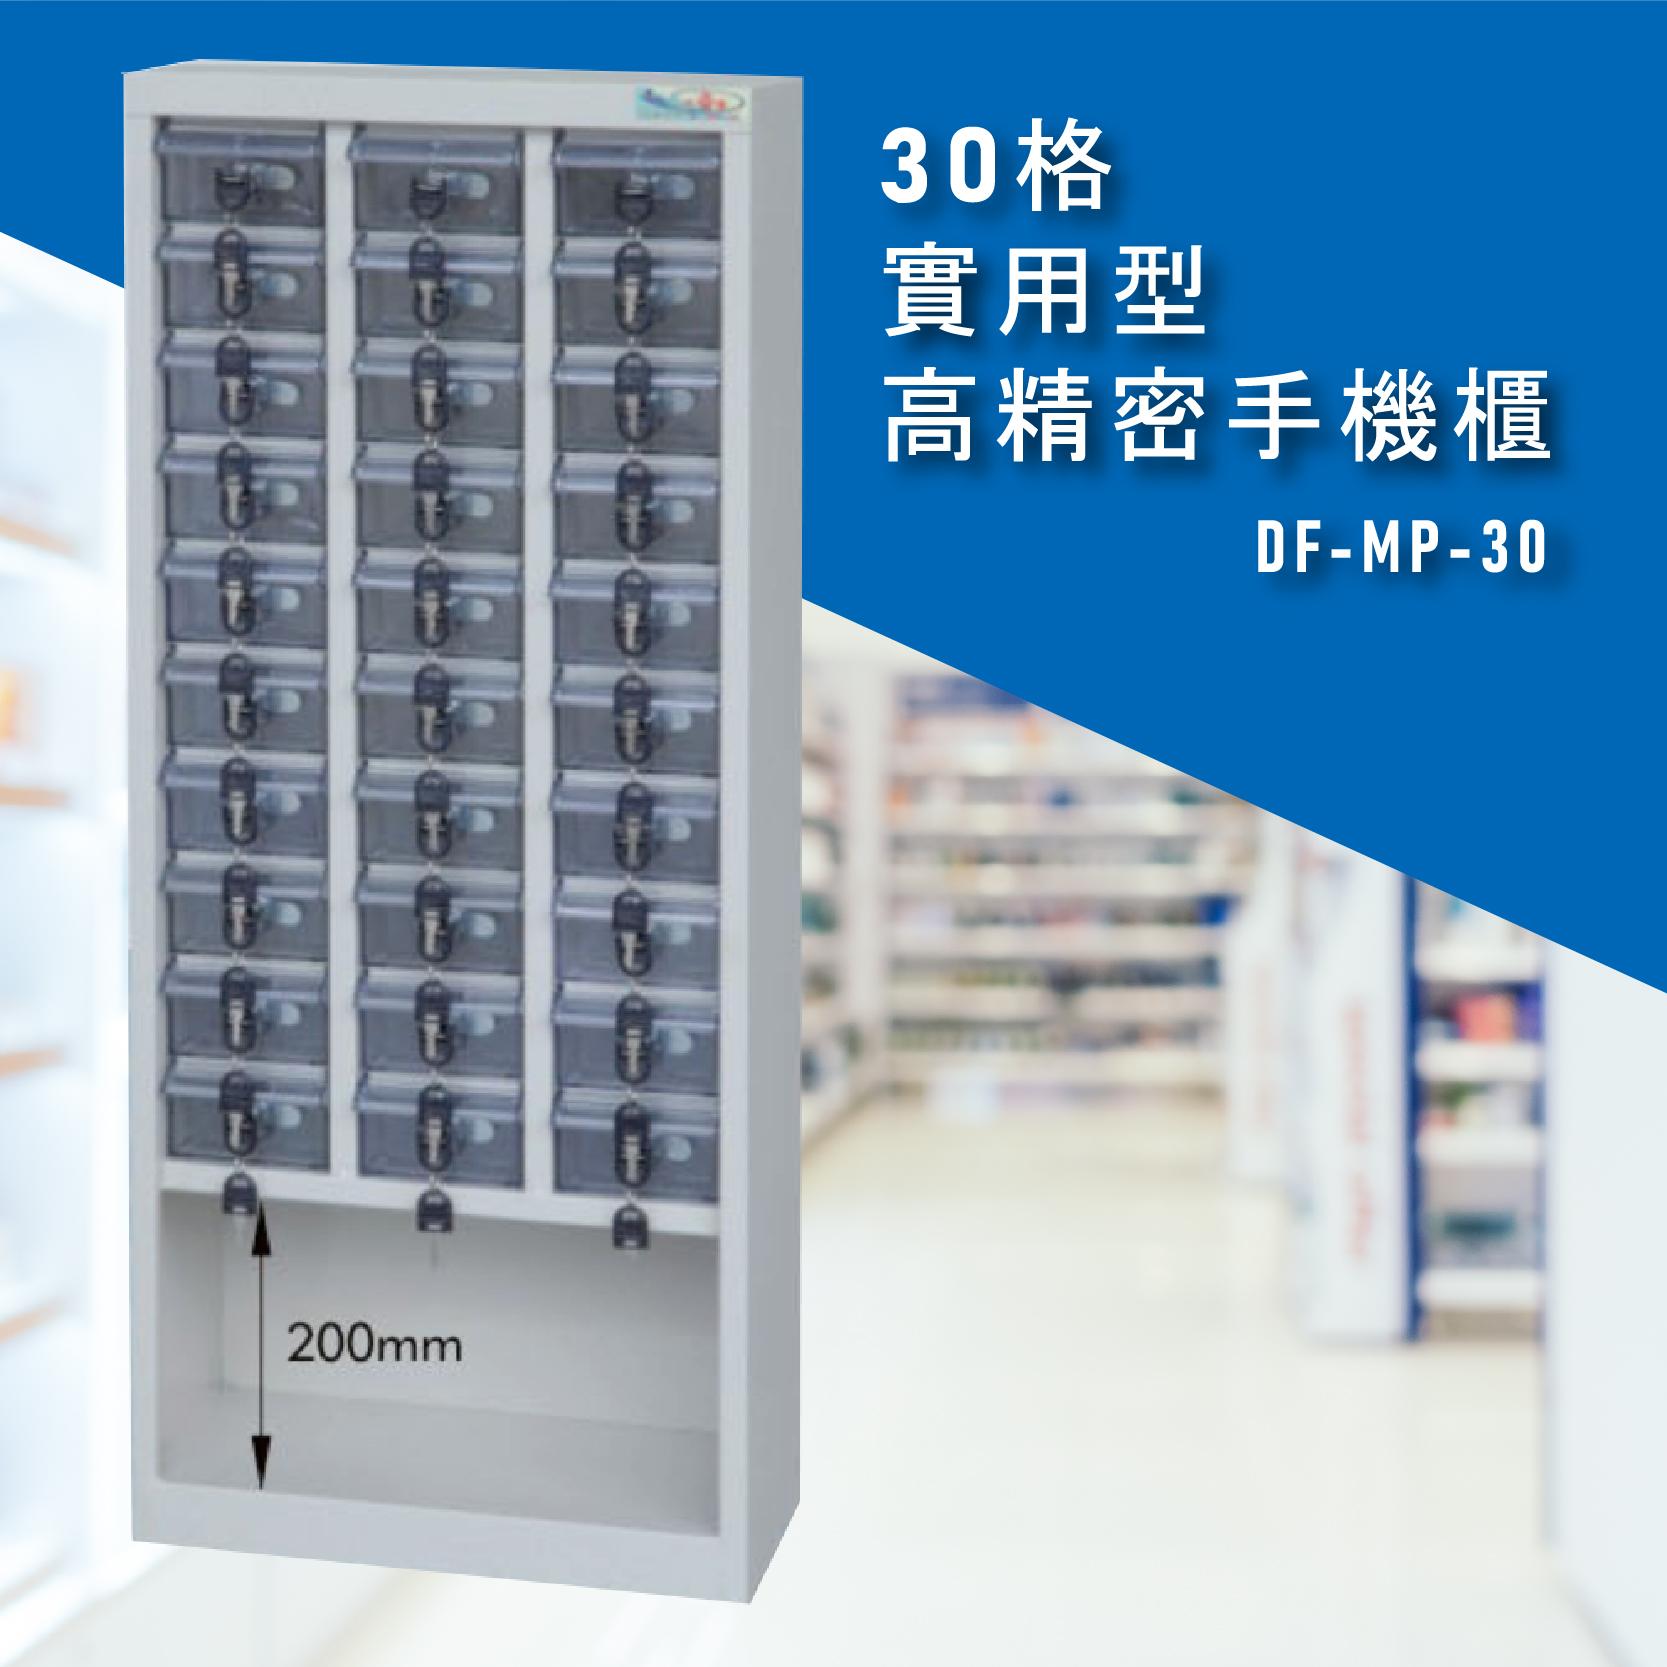 【台灣製造】大富 實用型高精密零件櫃 DF-MP-30 收納櫃 置物櫃 公文櫃 專利設計 收納櫃 手機櫃